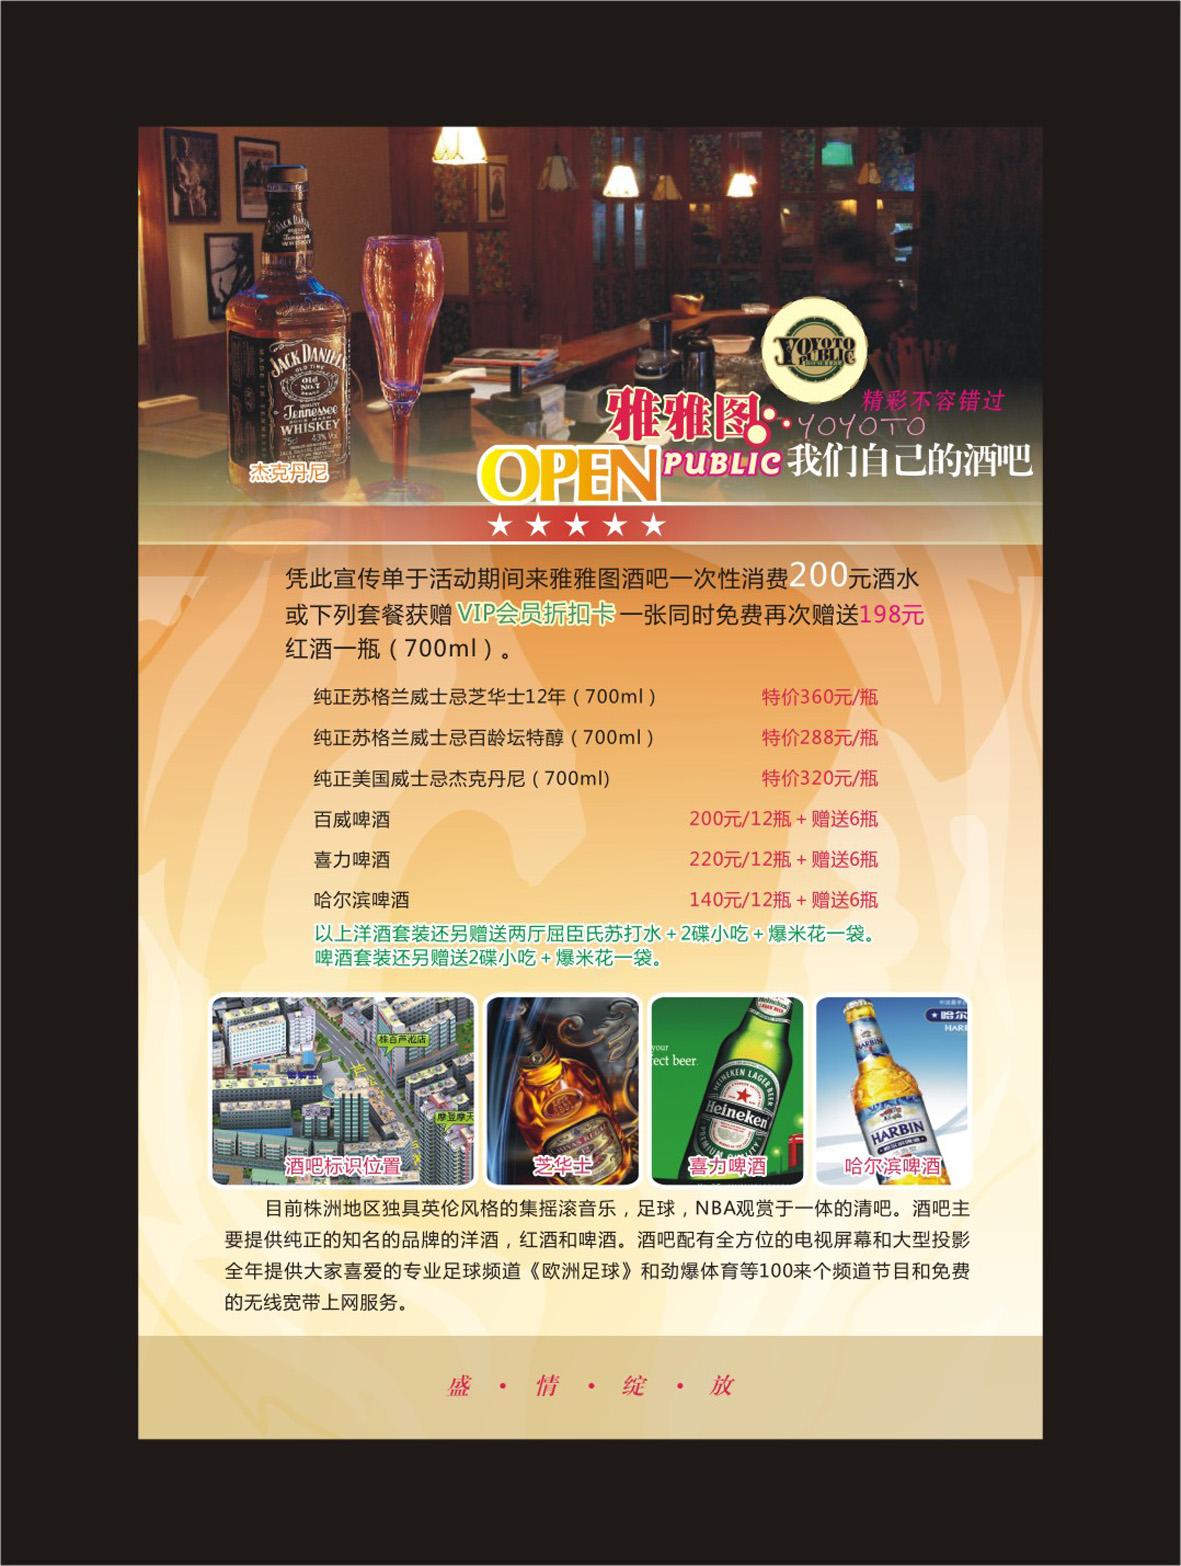 给开业酒吧做个宣传单(5号)